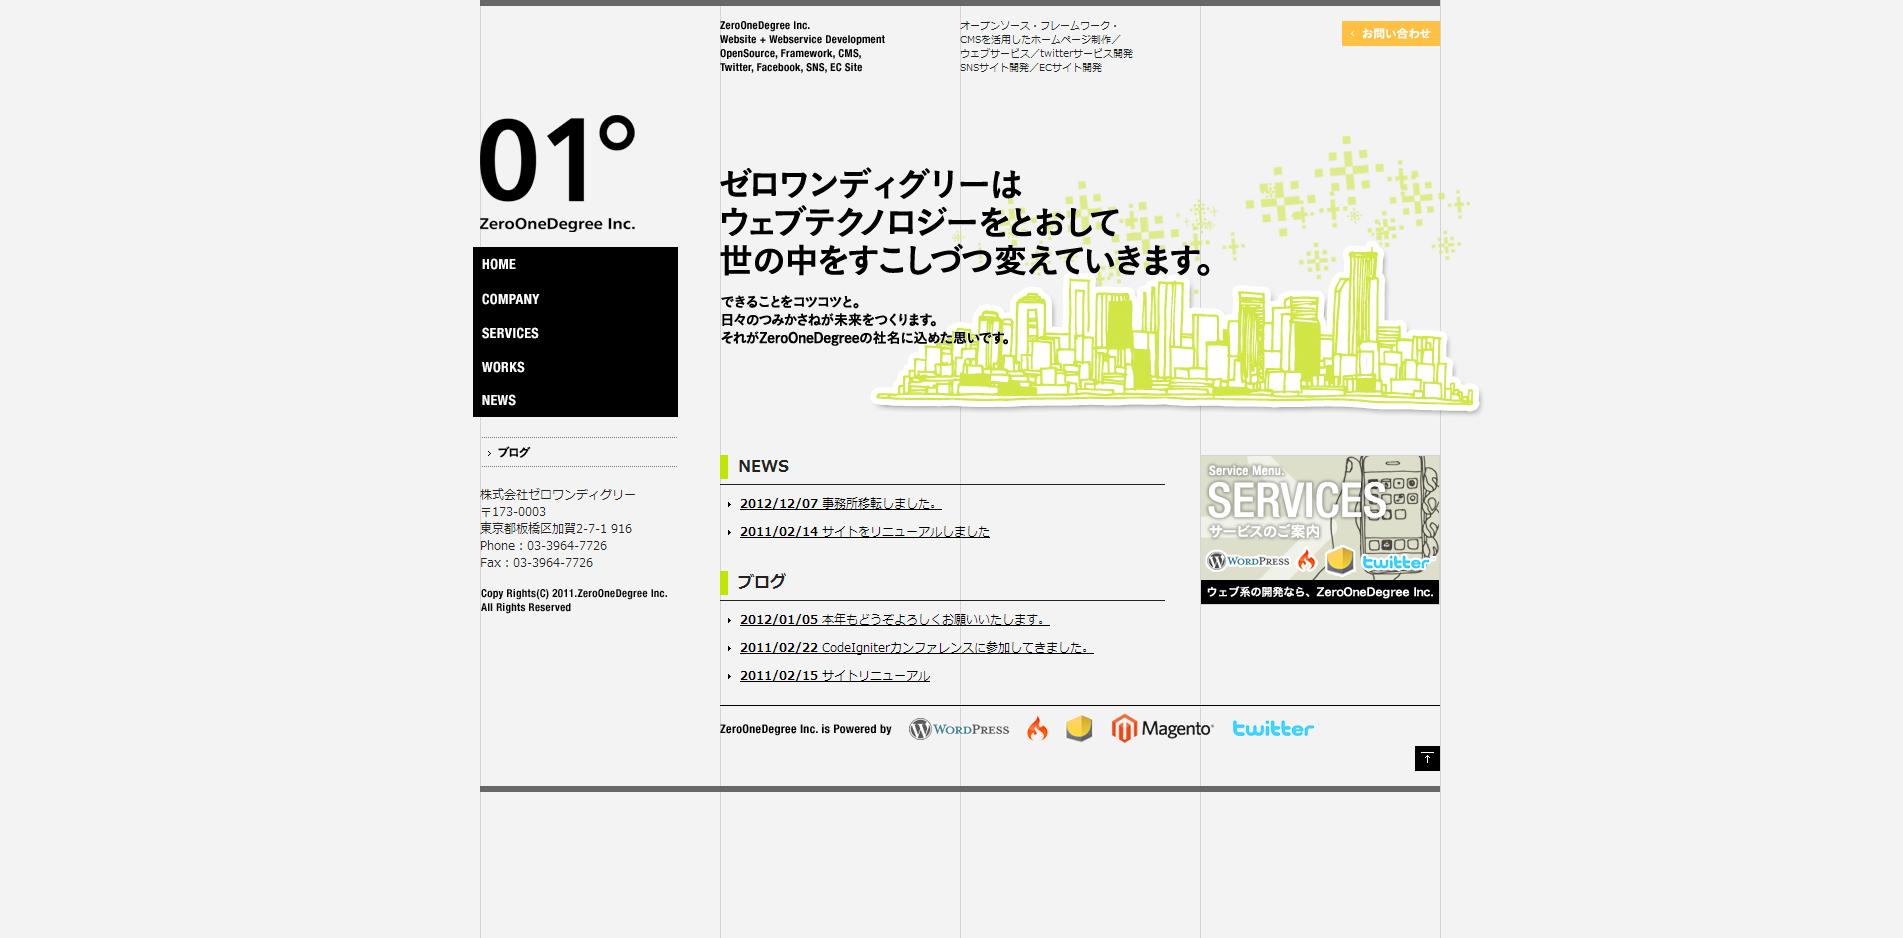 株式会社ゼロワンディグリー   オープンソース・フレームワーク・ CMSを活用したホームページ制作 渋谷区千駄ヶ谷